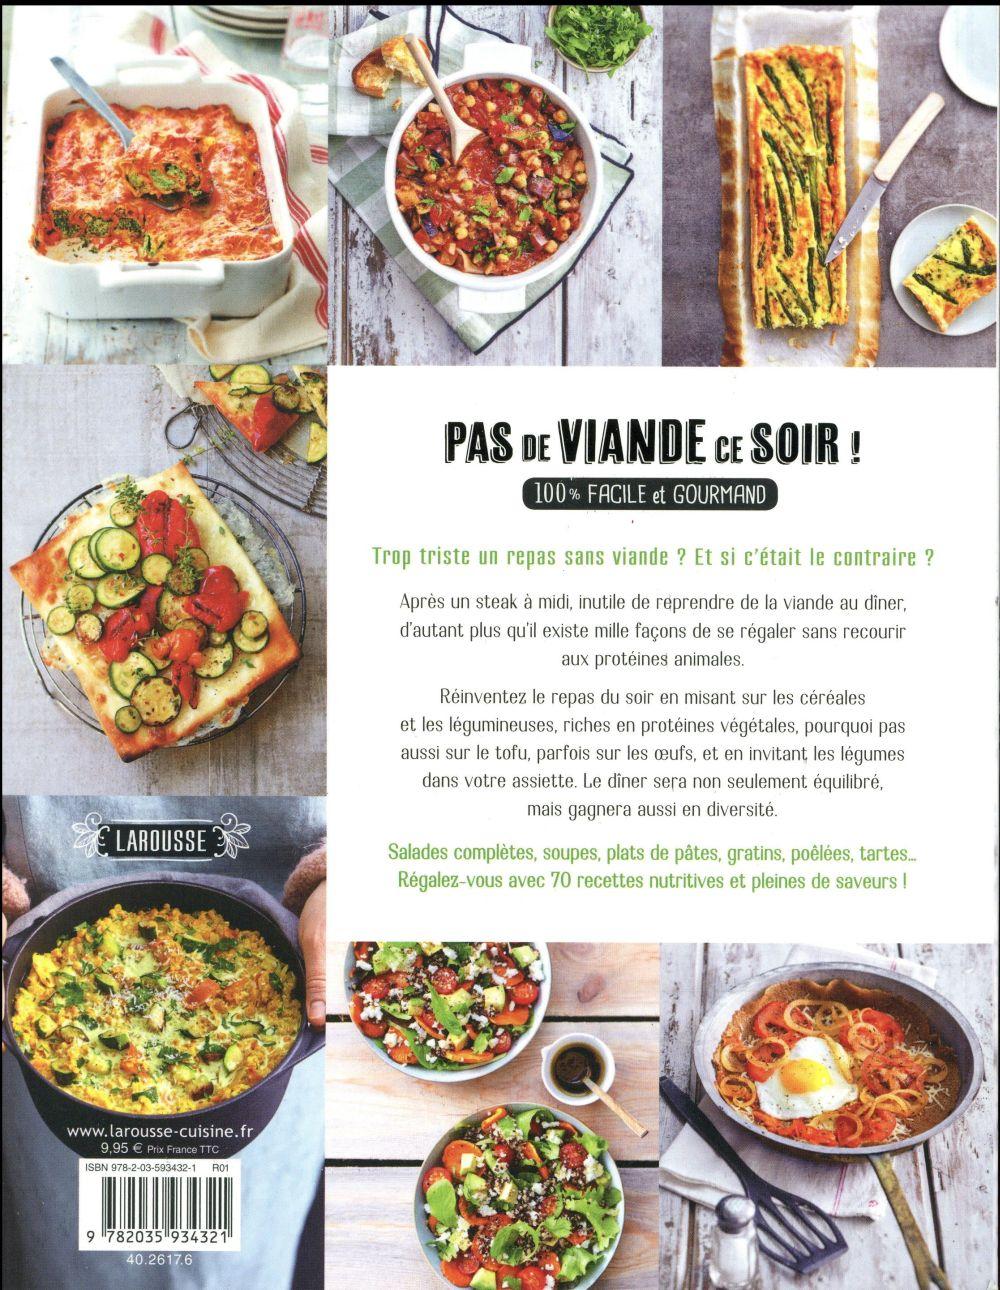 Repas Du Soir Sans Viande : repas, viande, Viande, Recettes, Facile, Gourmand, Collectif, Larousse, Grand, Format, Librairie, Maupetit, MARSEILLE